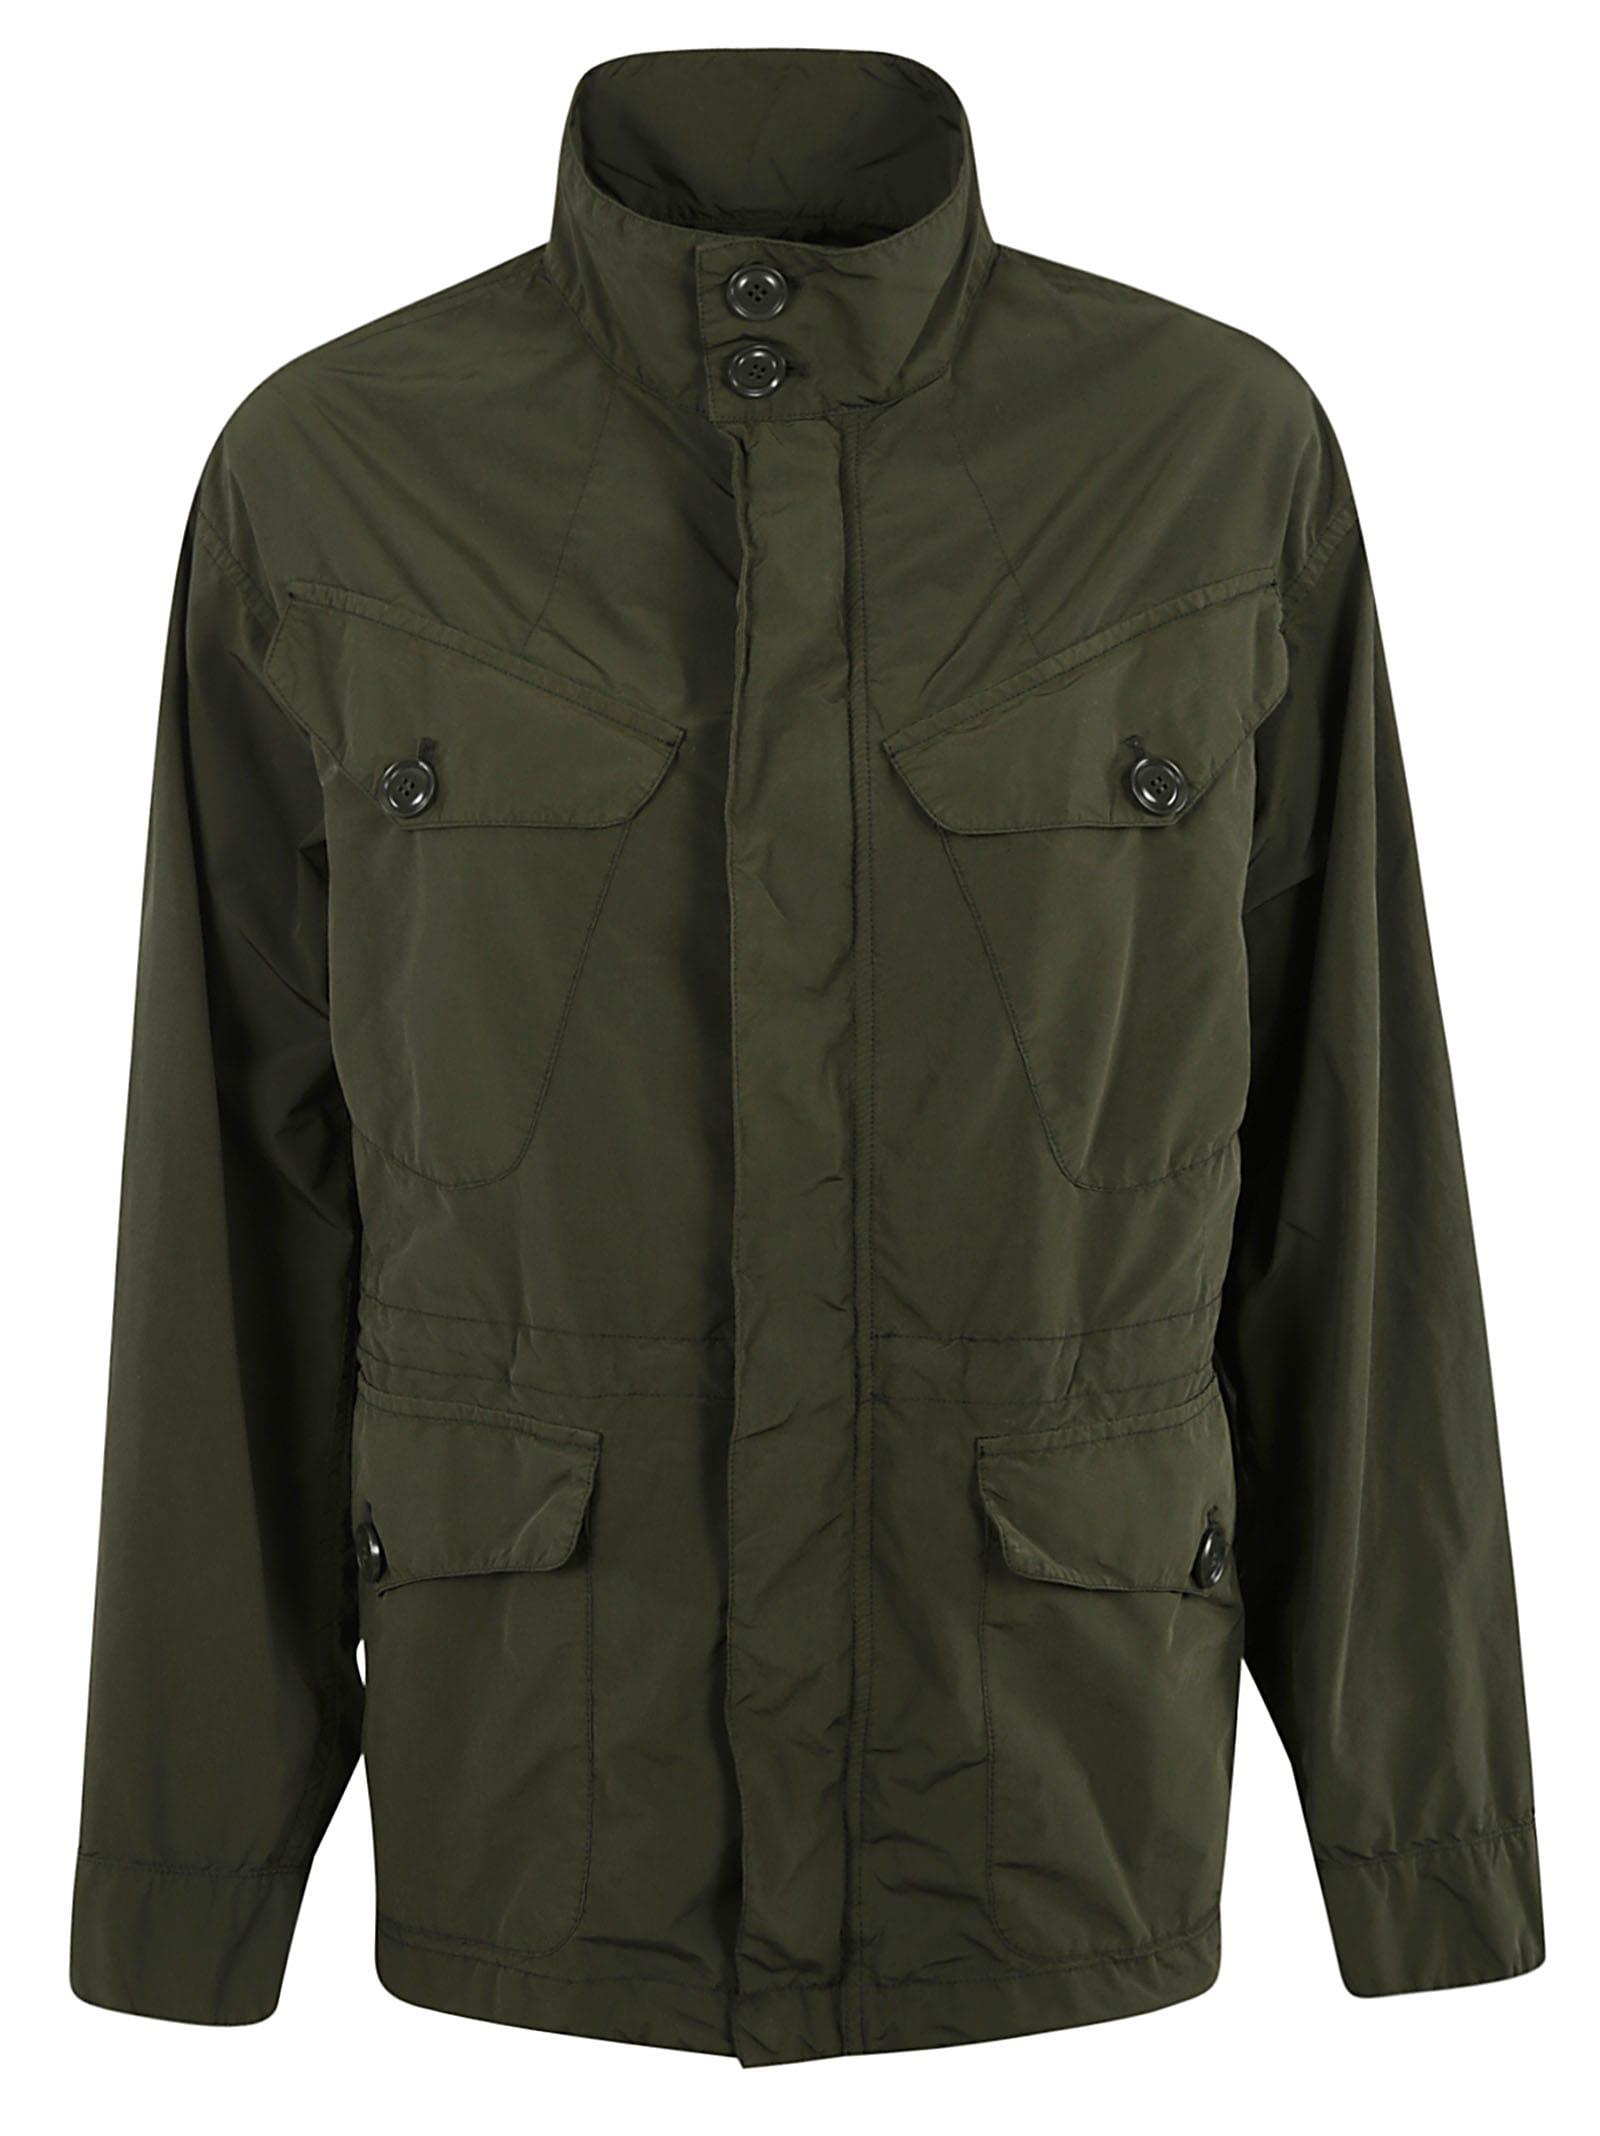 Aspesi Multiple Pocket Concealed Jacket